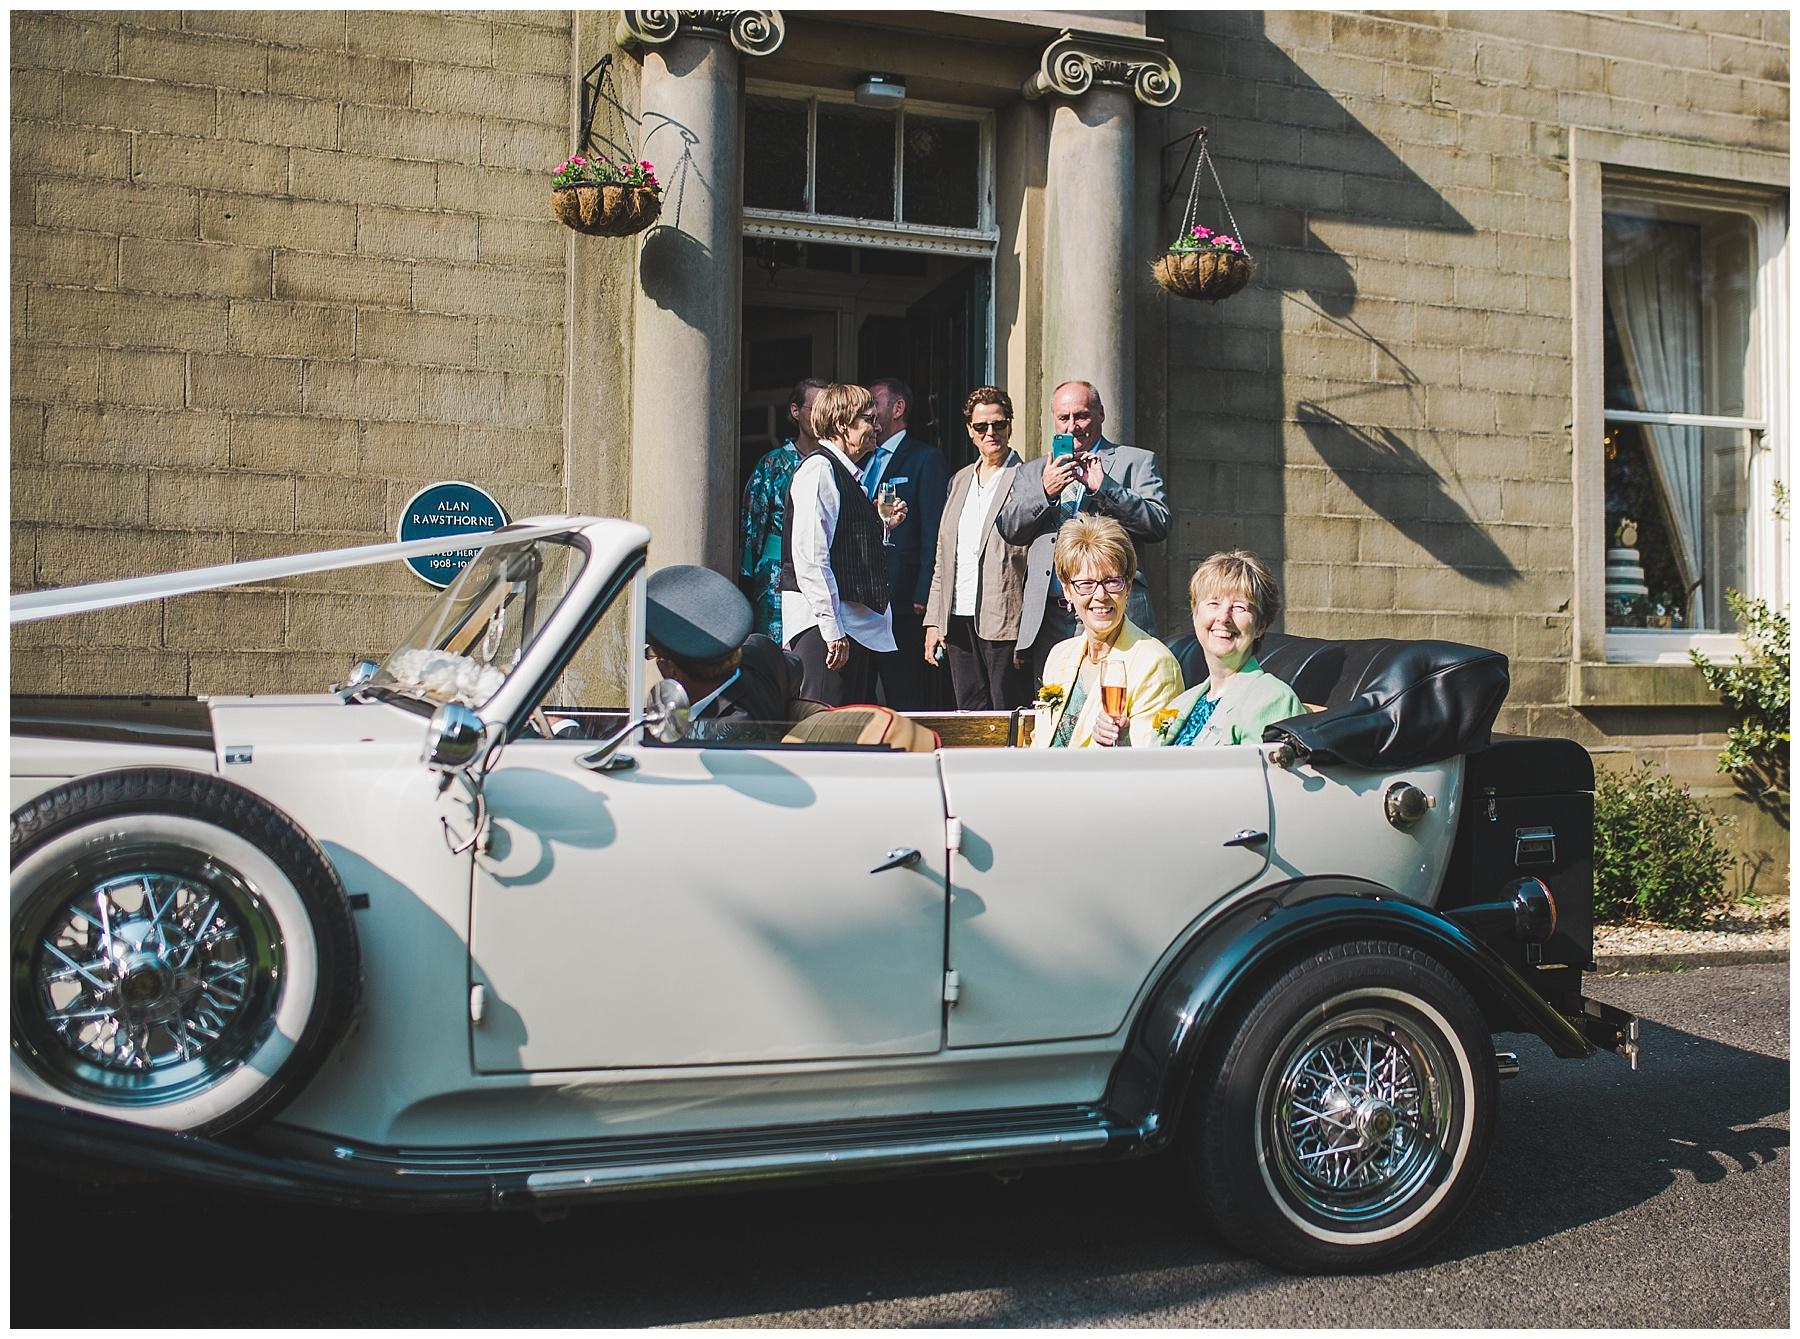 Bride and Bride in the wedding car - sykeside hotel haslingden